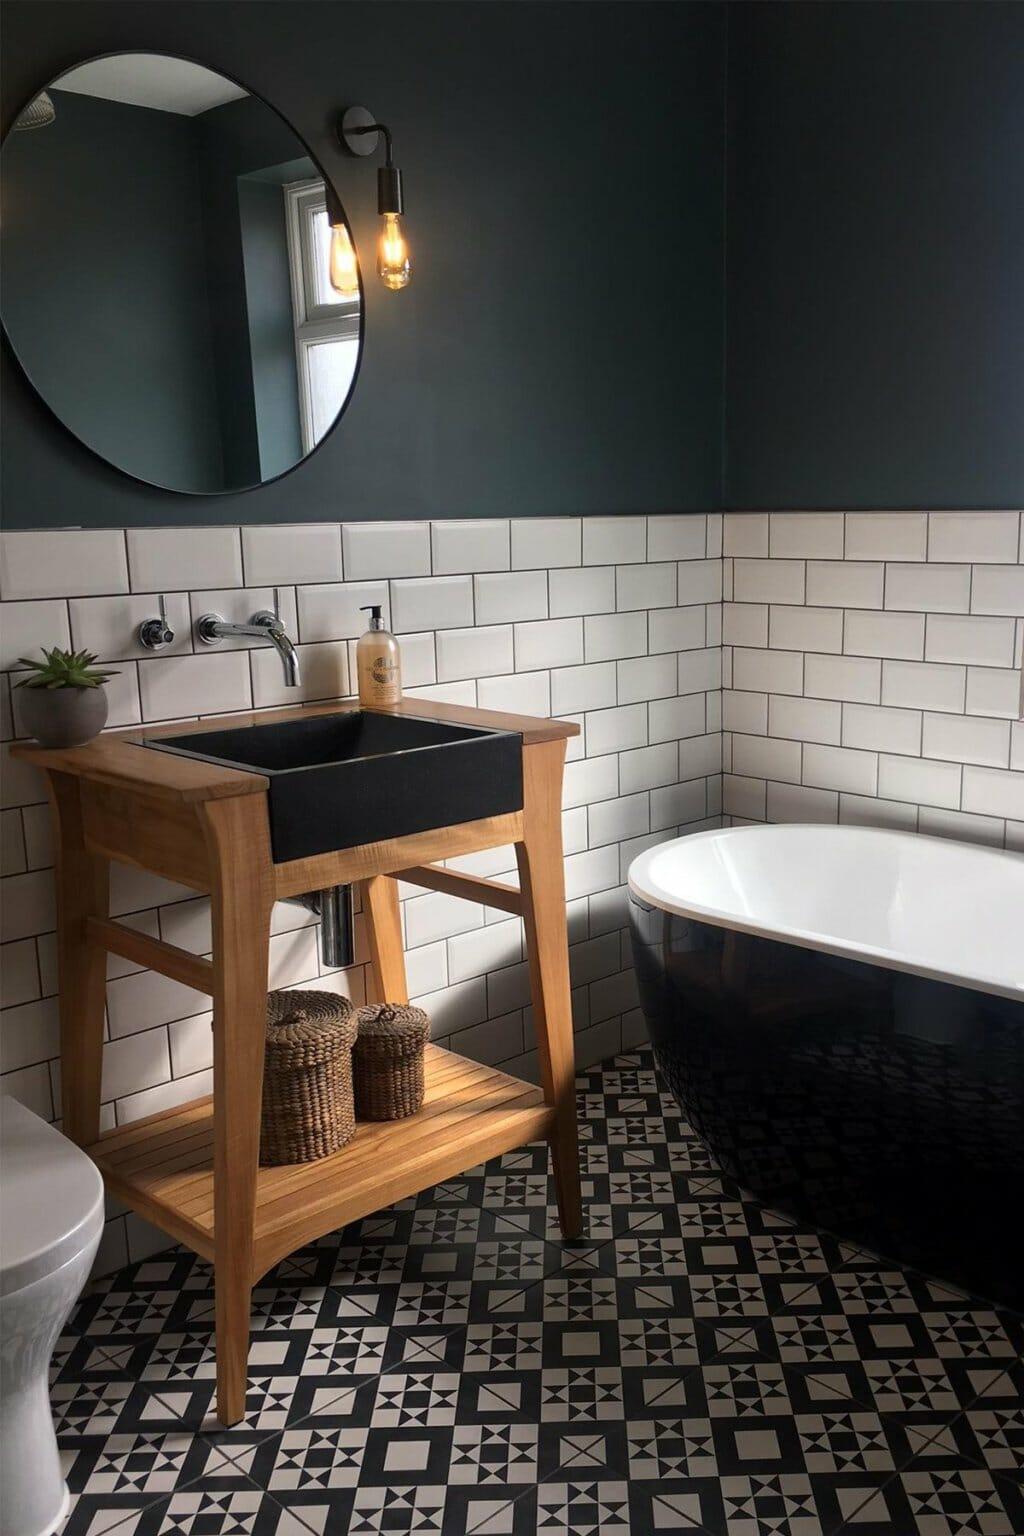 hình ảnh một góc phòng tắm với bồn tắm màu xanh than, gạch thẻ ốp tường màu trắng, đèn sợi đốt treo cạnh gương, kệ gỗ đựng đồ